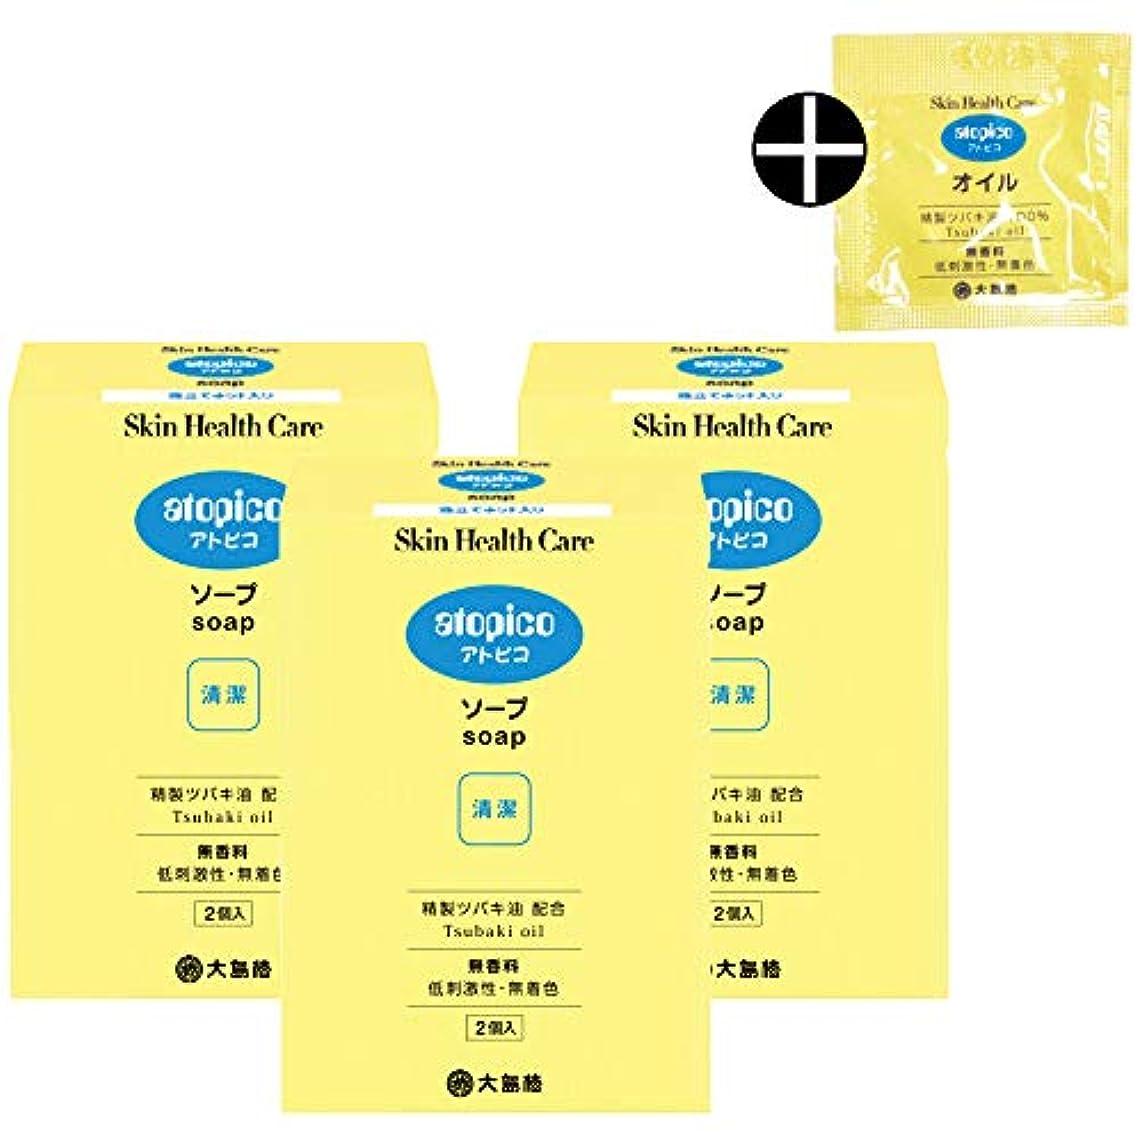 商品劣る採用【公式】大島椿 アトピコ スキンヘルスケア ソープ 70g2個入×3箱 サンプル付セット